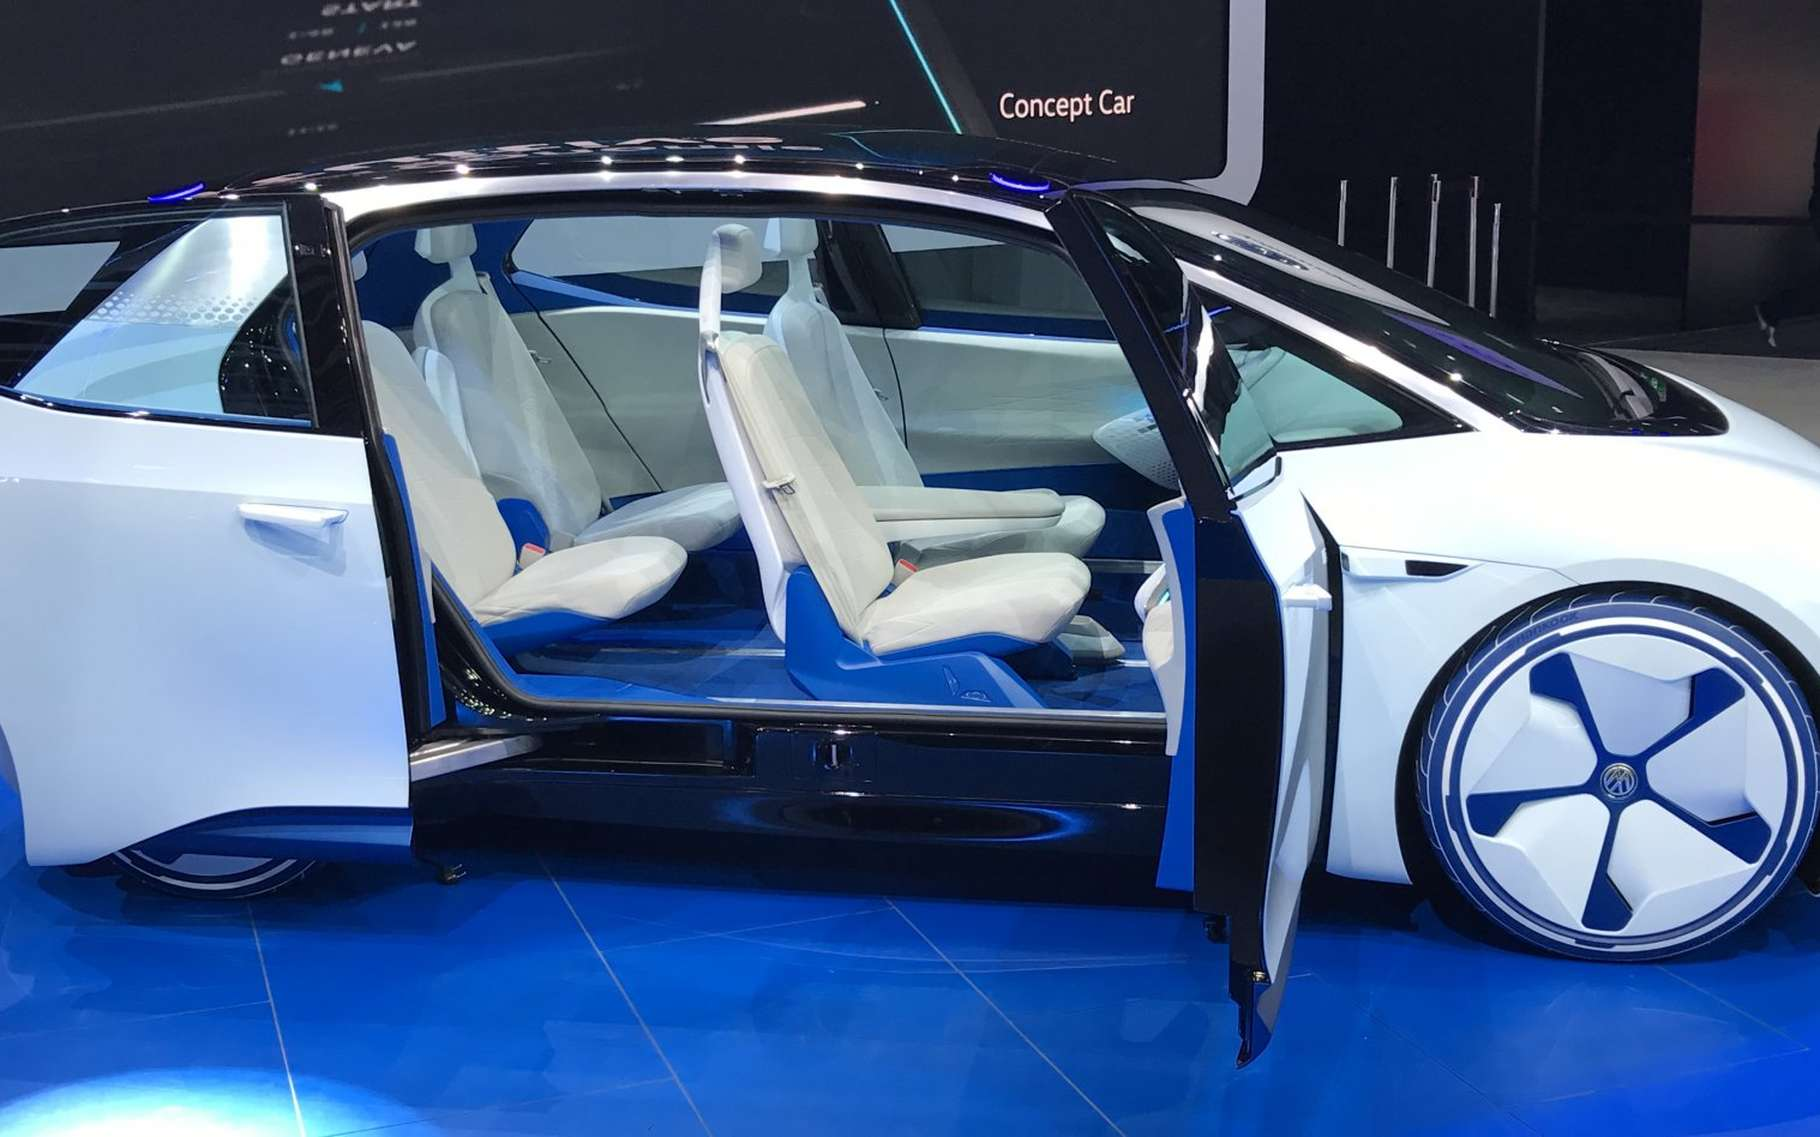 Le concept de voiture électrique ID présenté par Volkswagen au Mondial de Paris 2016. © David Bénard, Relaxnews